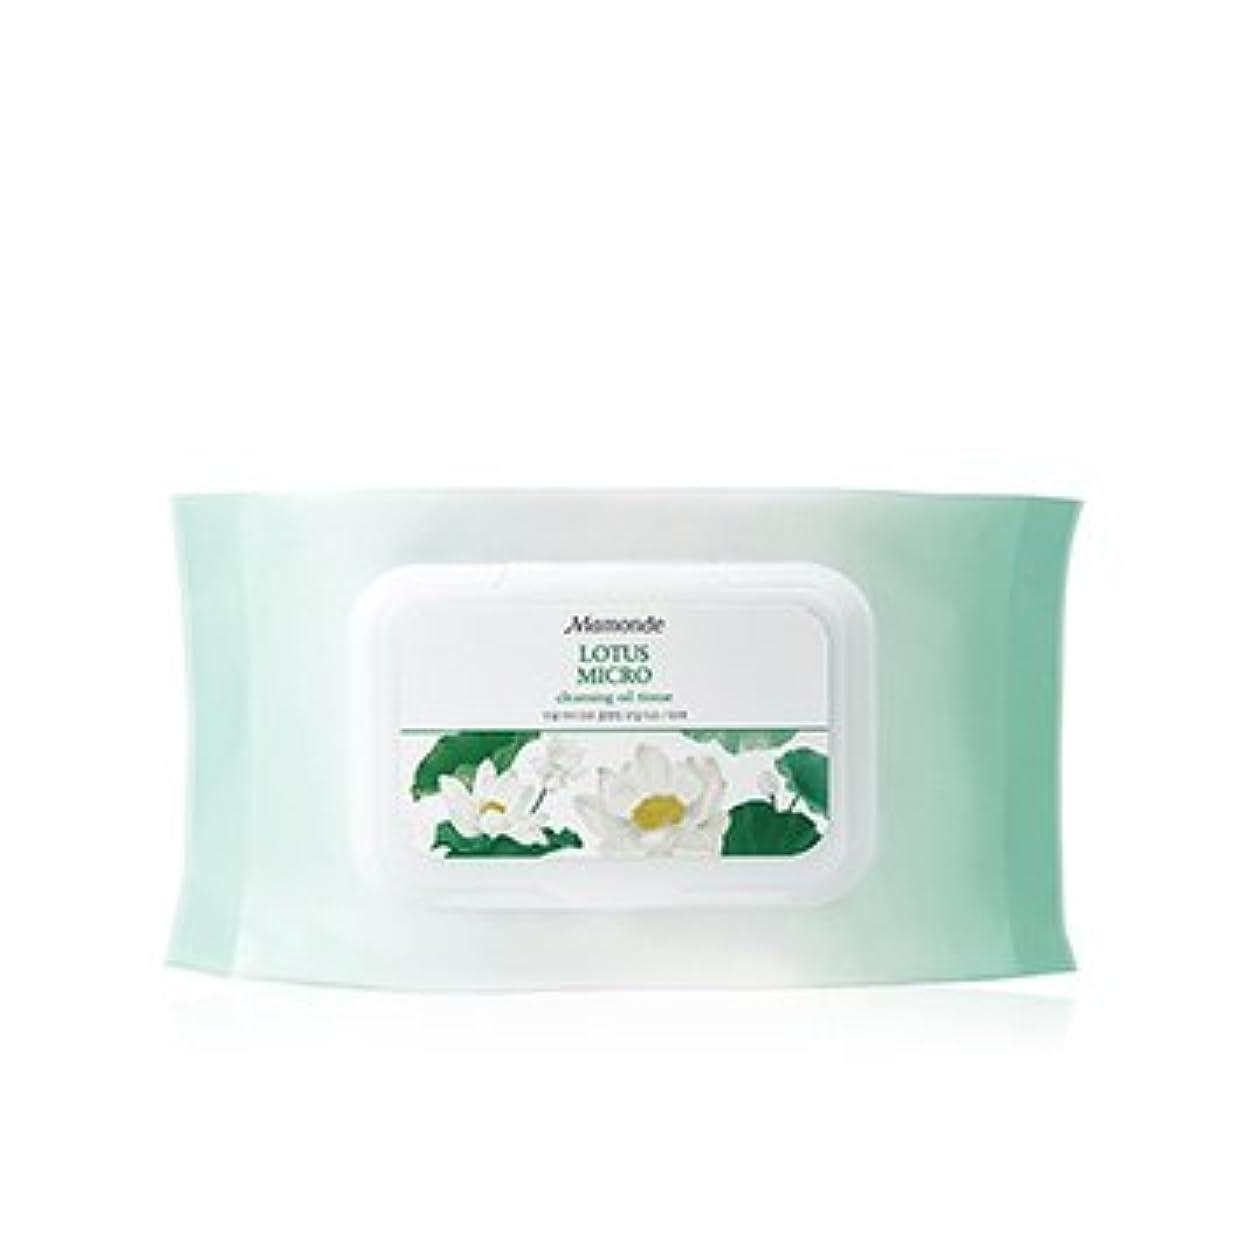 薬を飲む感情の最愛のMamonde Lotus Micro Cleansing Oil Tissue 50Sheets/マモンド 蓮 マイクロ クレンジング オイル ティッシュ 50枚入り [並行輸入品]